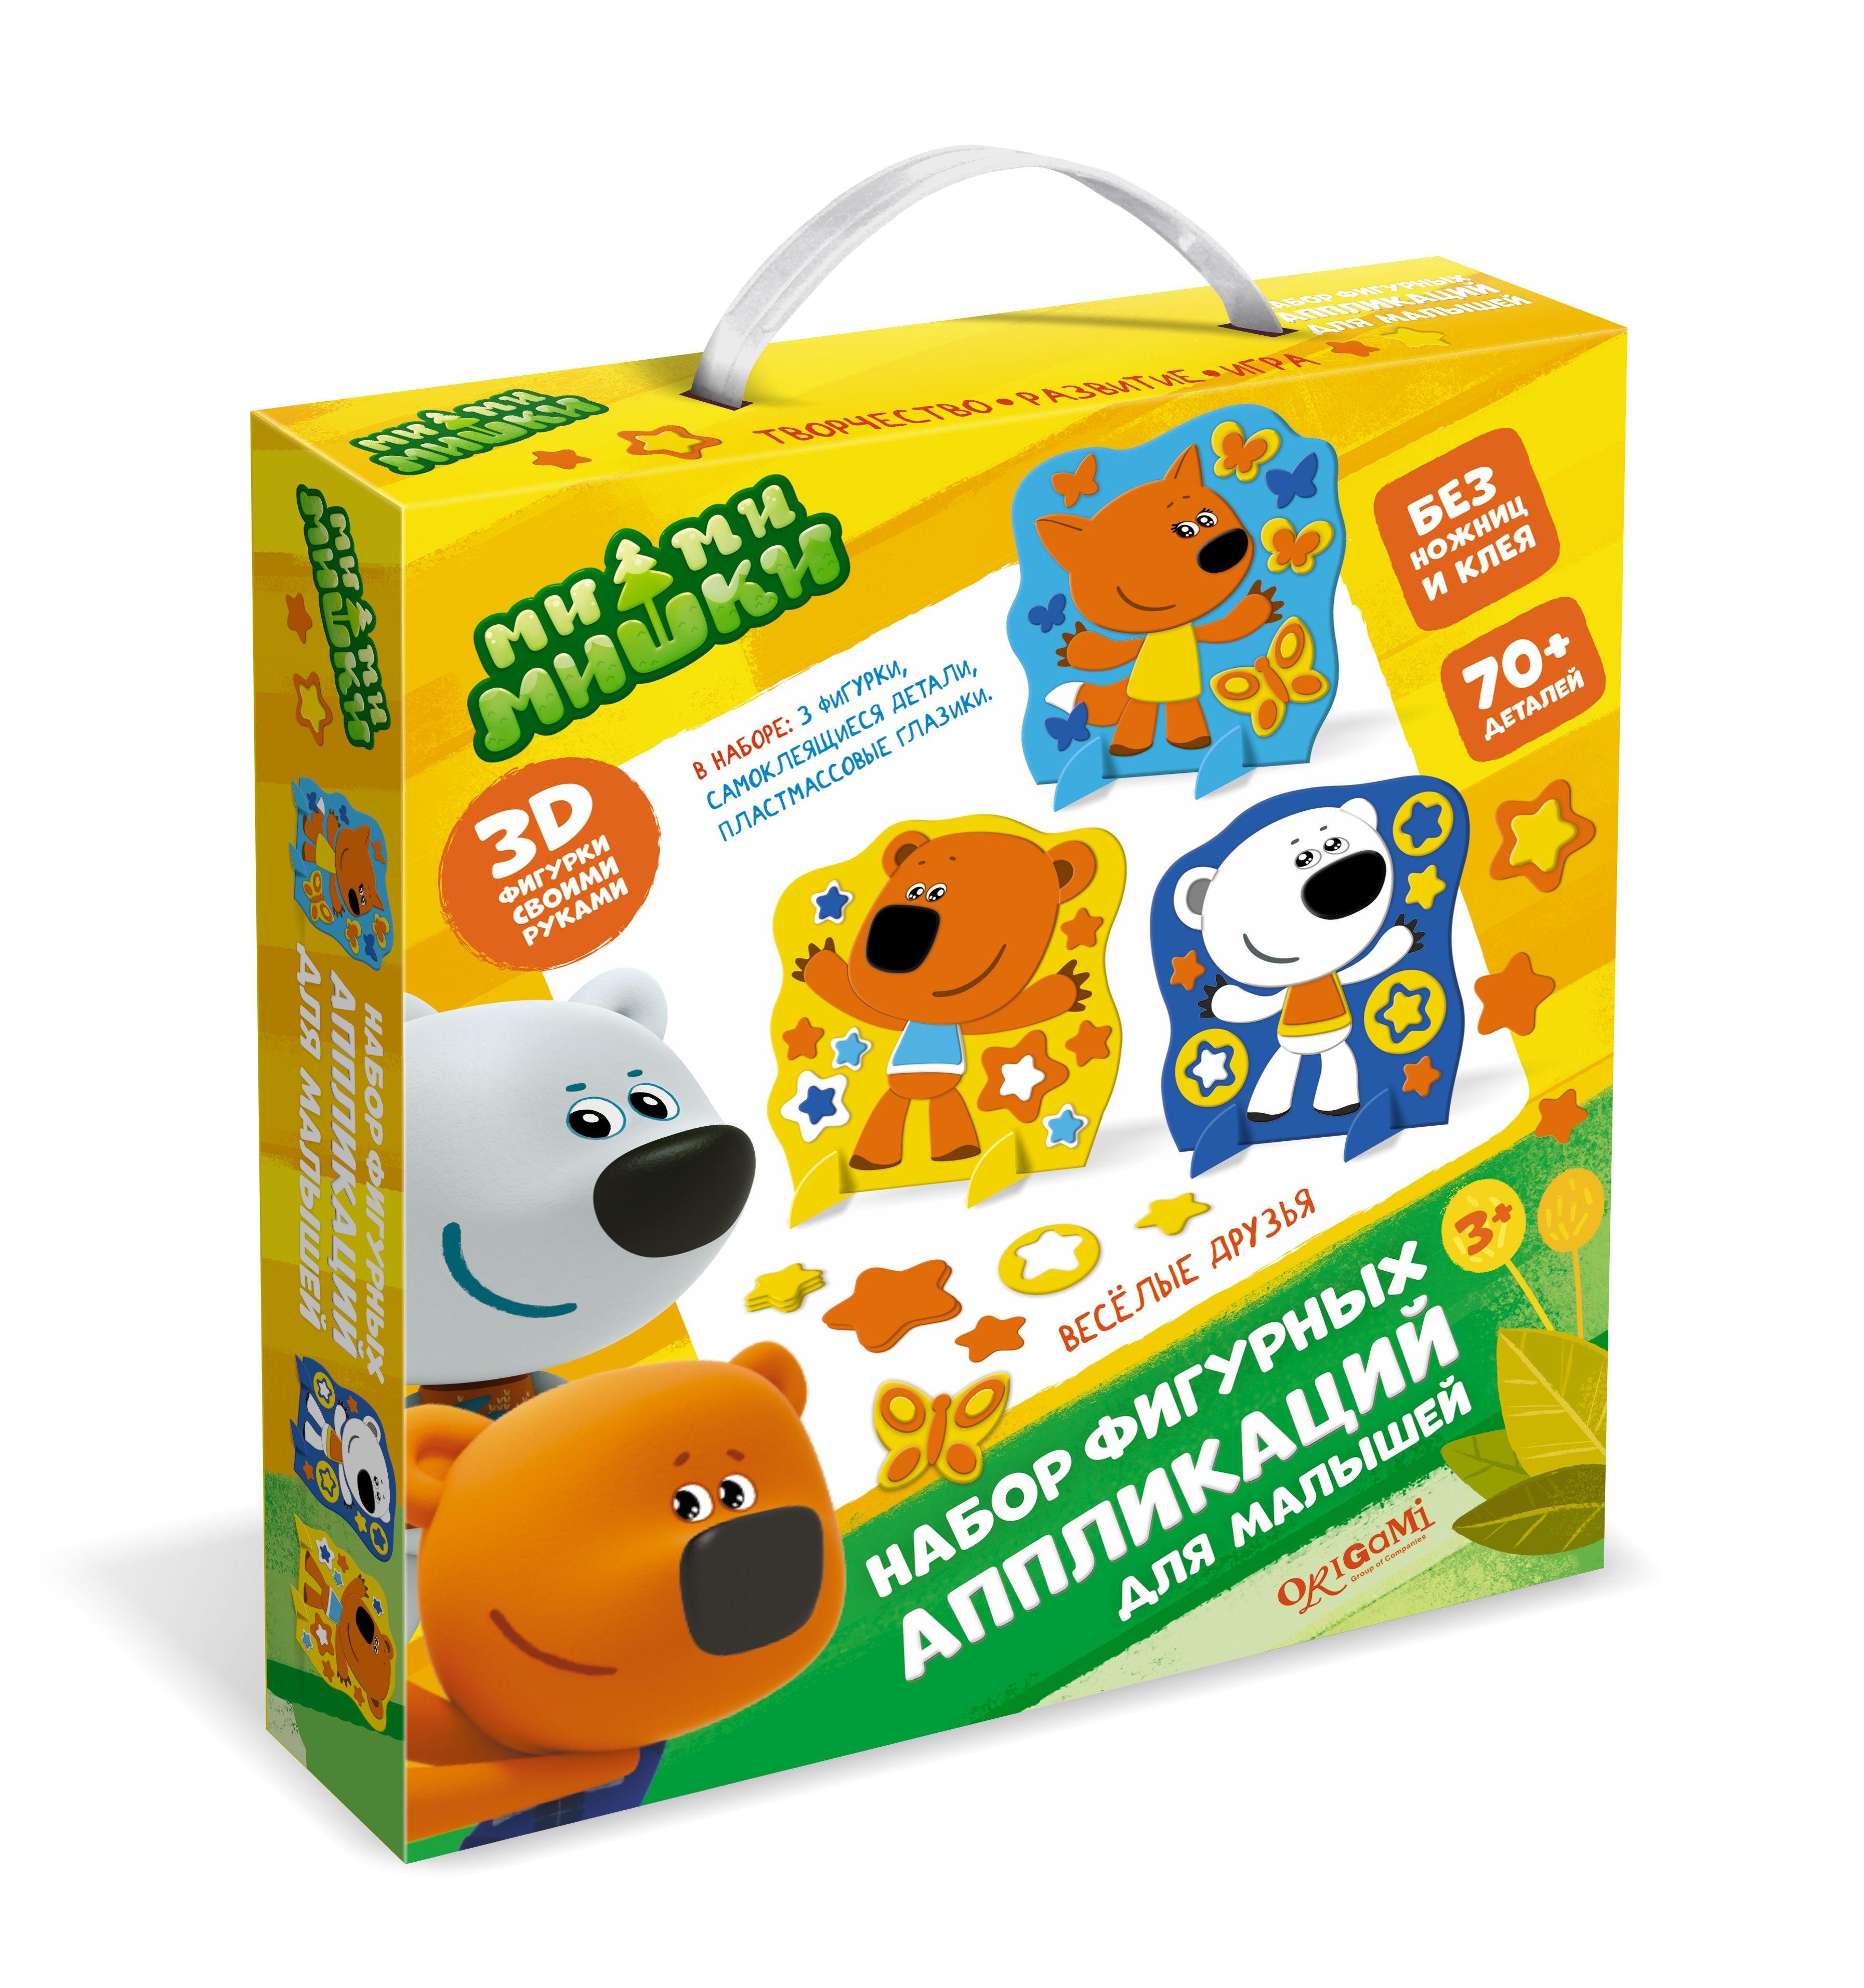 Купить Наборы для творчества, Ми-ми-мишки Веселые Друзья, Origami, Китай, Мультиколор